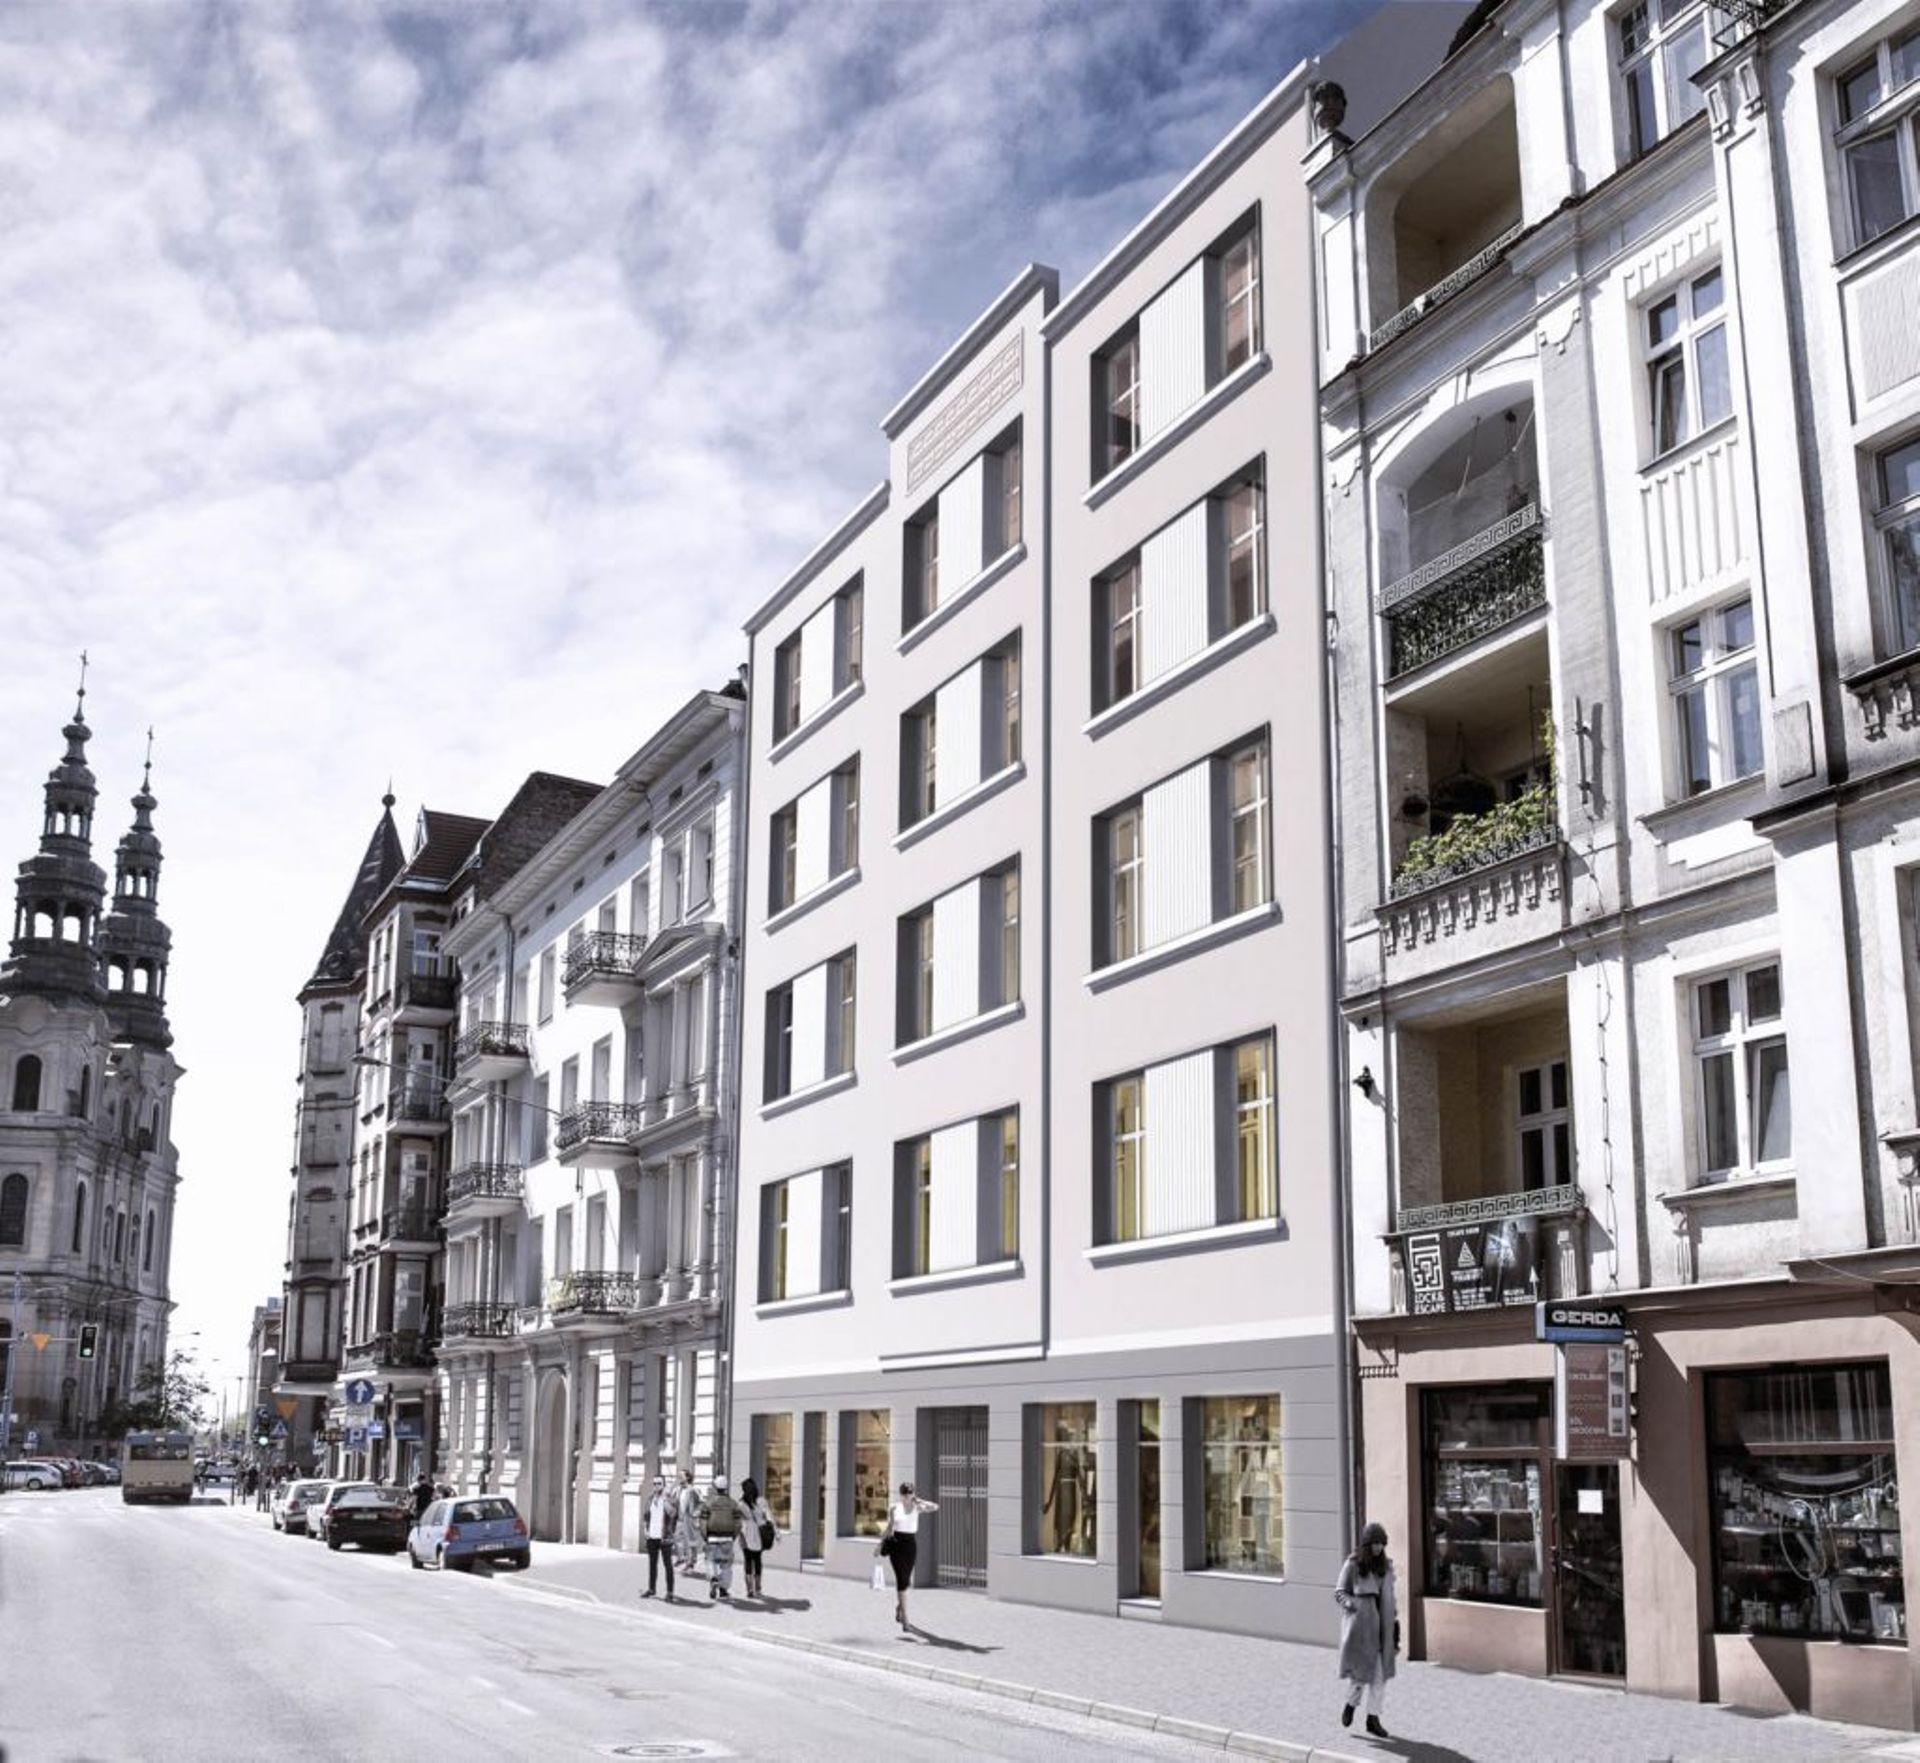 [Poznań] Nowe mieszkania czekają w kamienicy w samym centrum Poznania